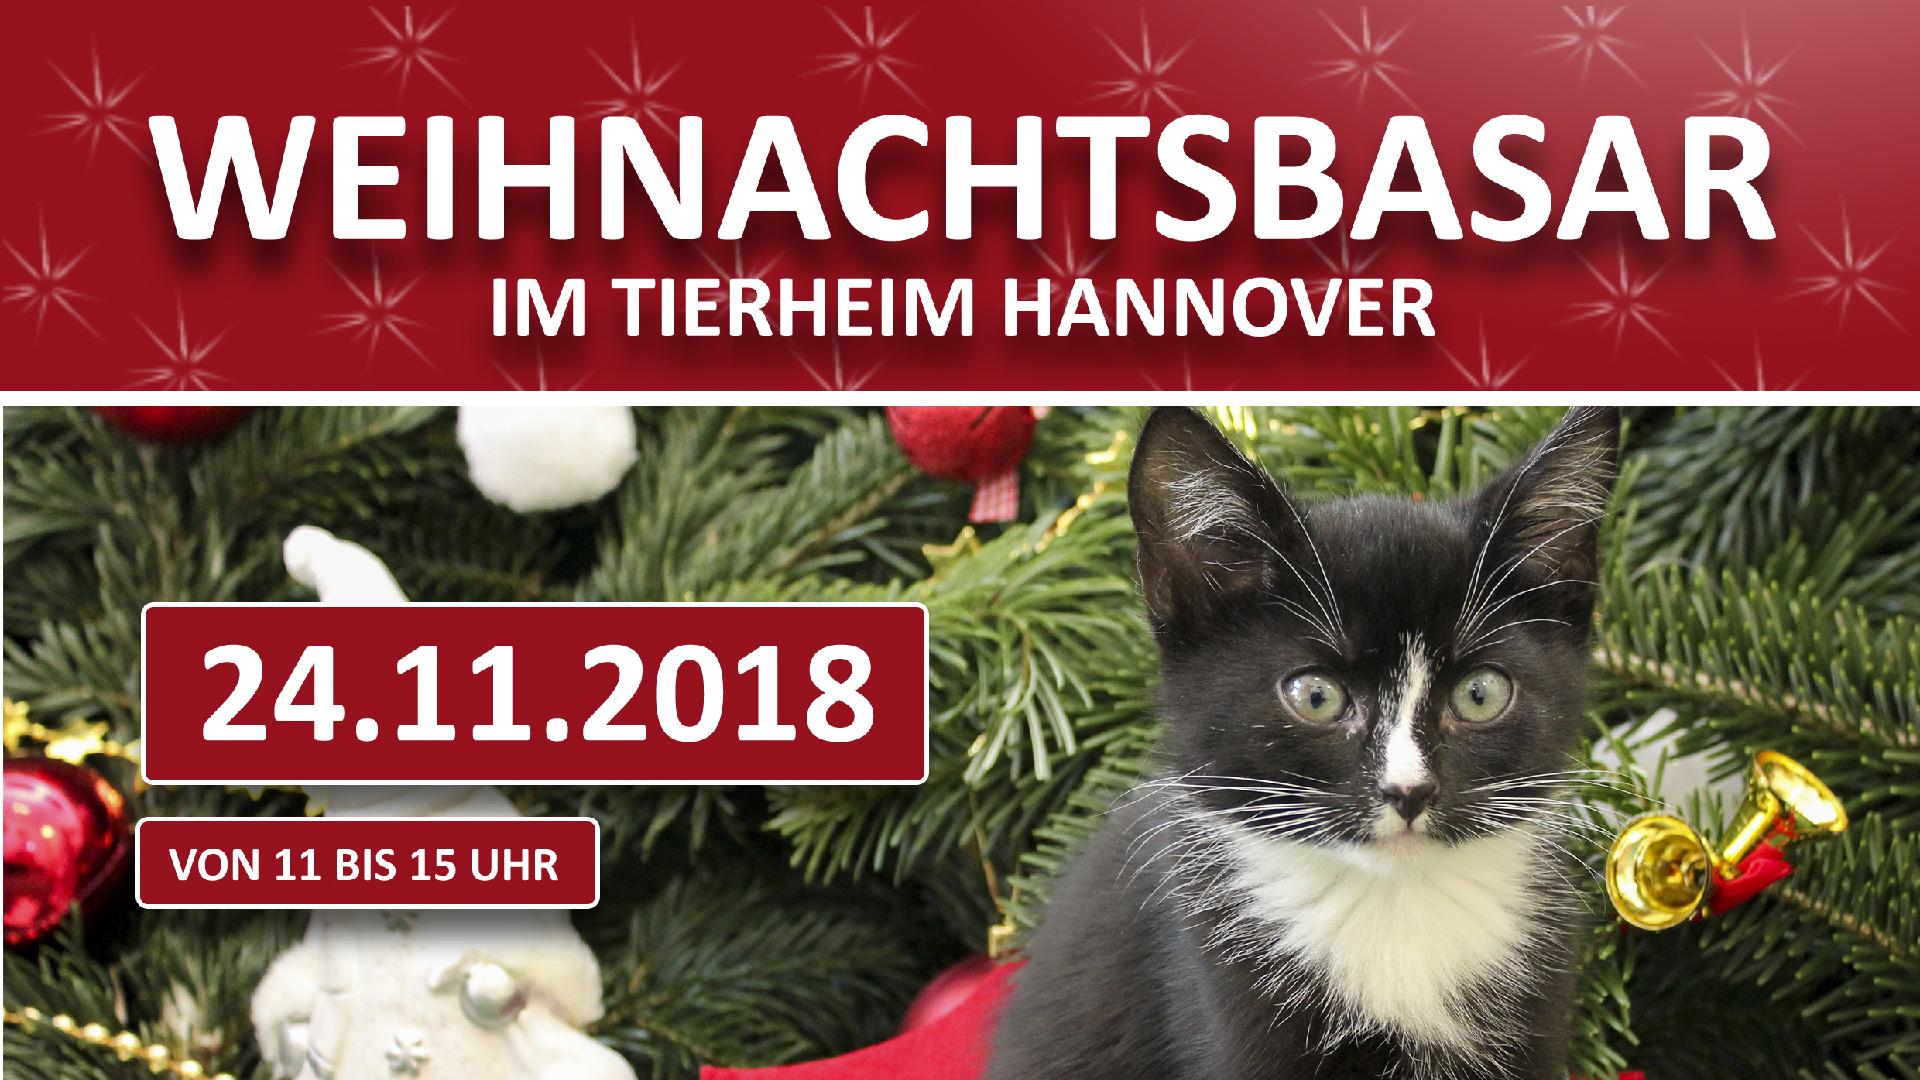 Logo vom Weihnachtsbasar des Tierheim Hannovers 2018